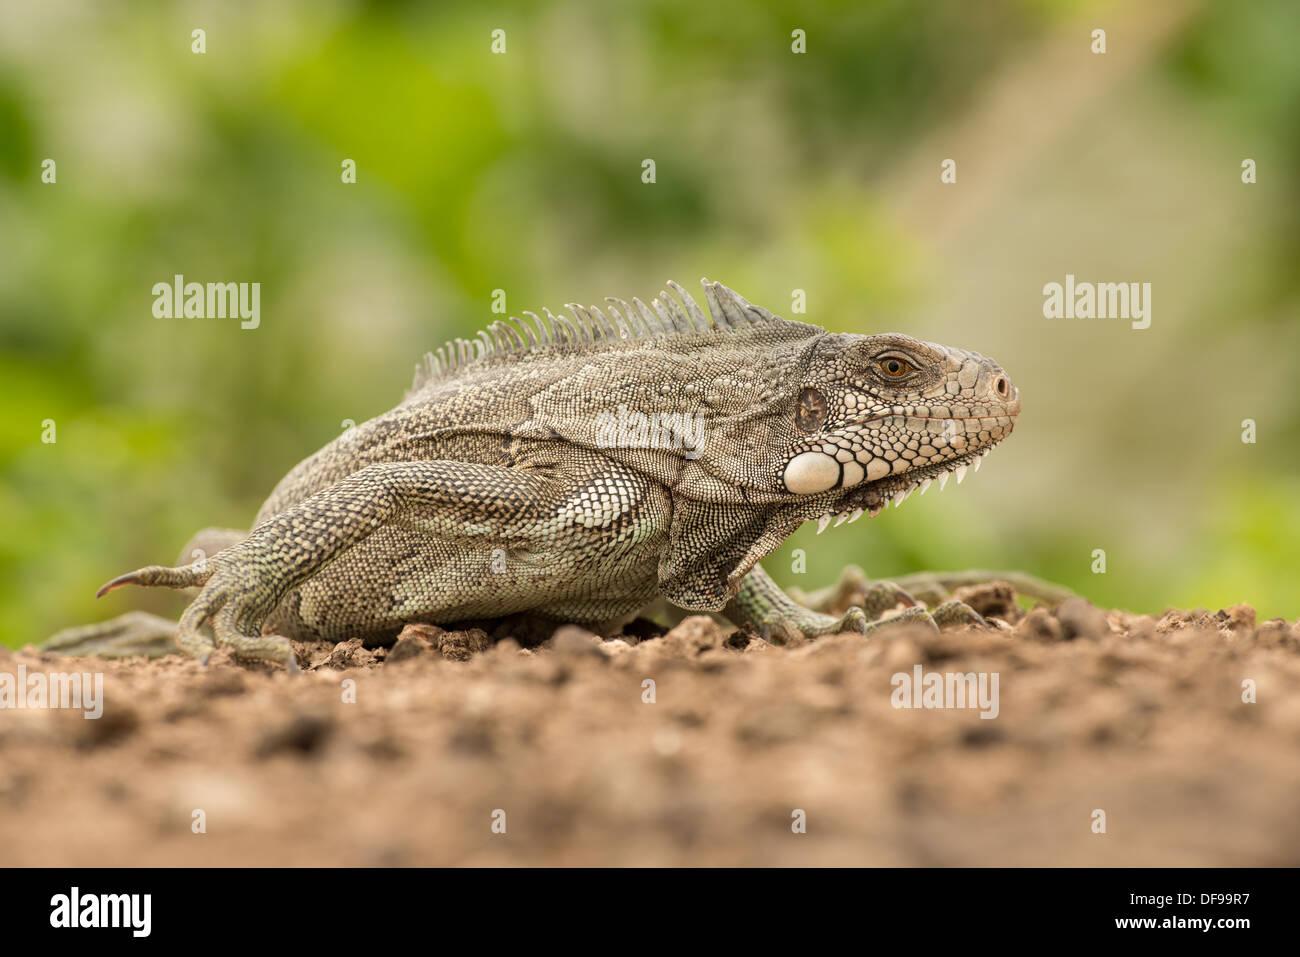 Stock Foto von einem grünen Leguan stellte an einem Strand im Pantanal. Stockfoto